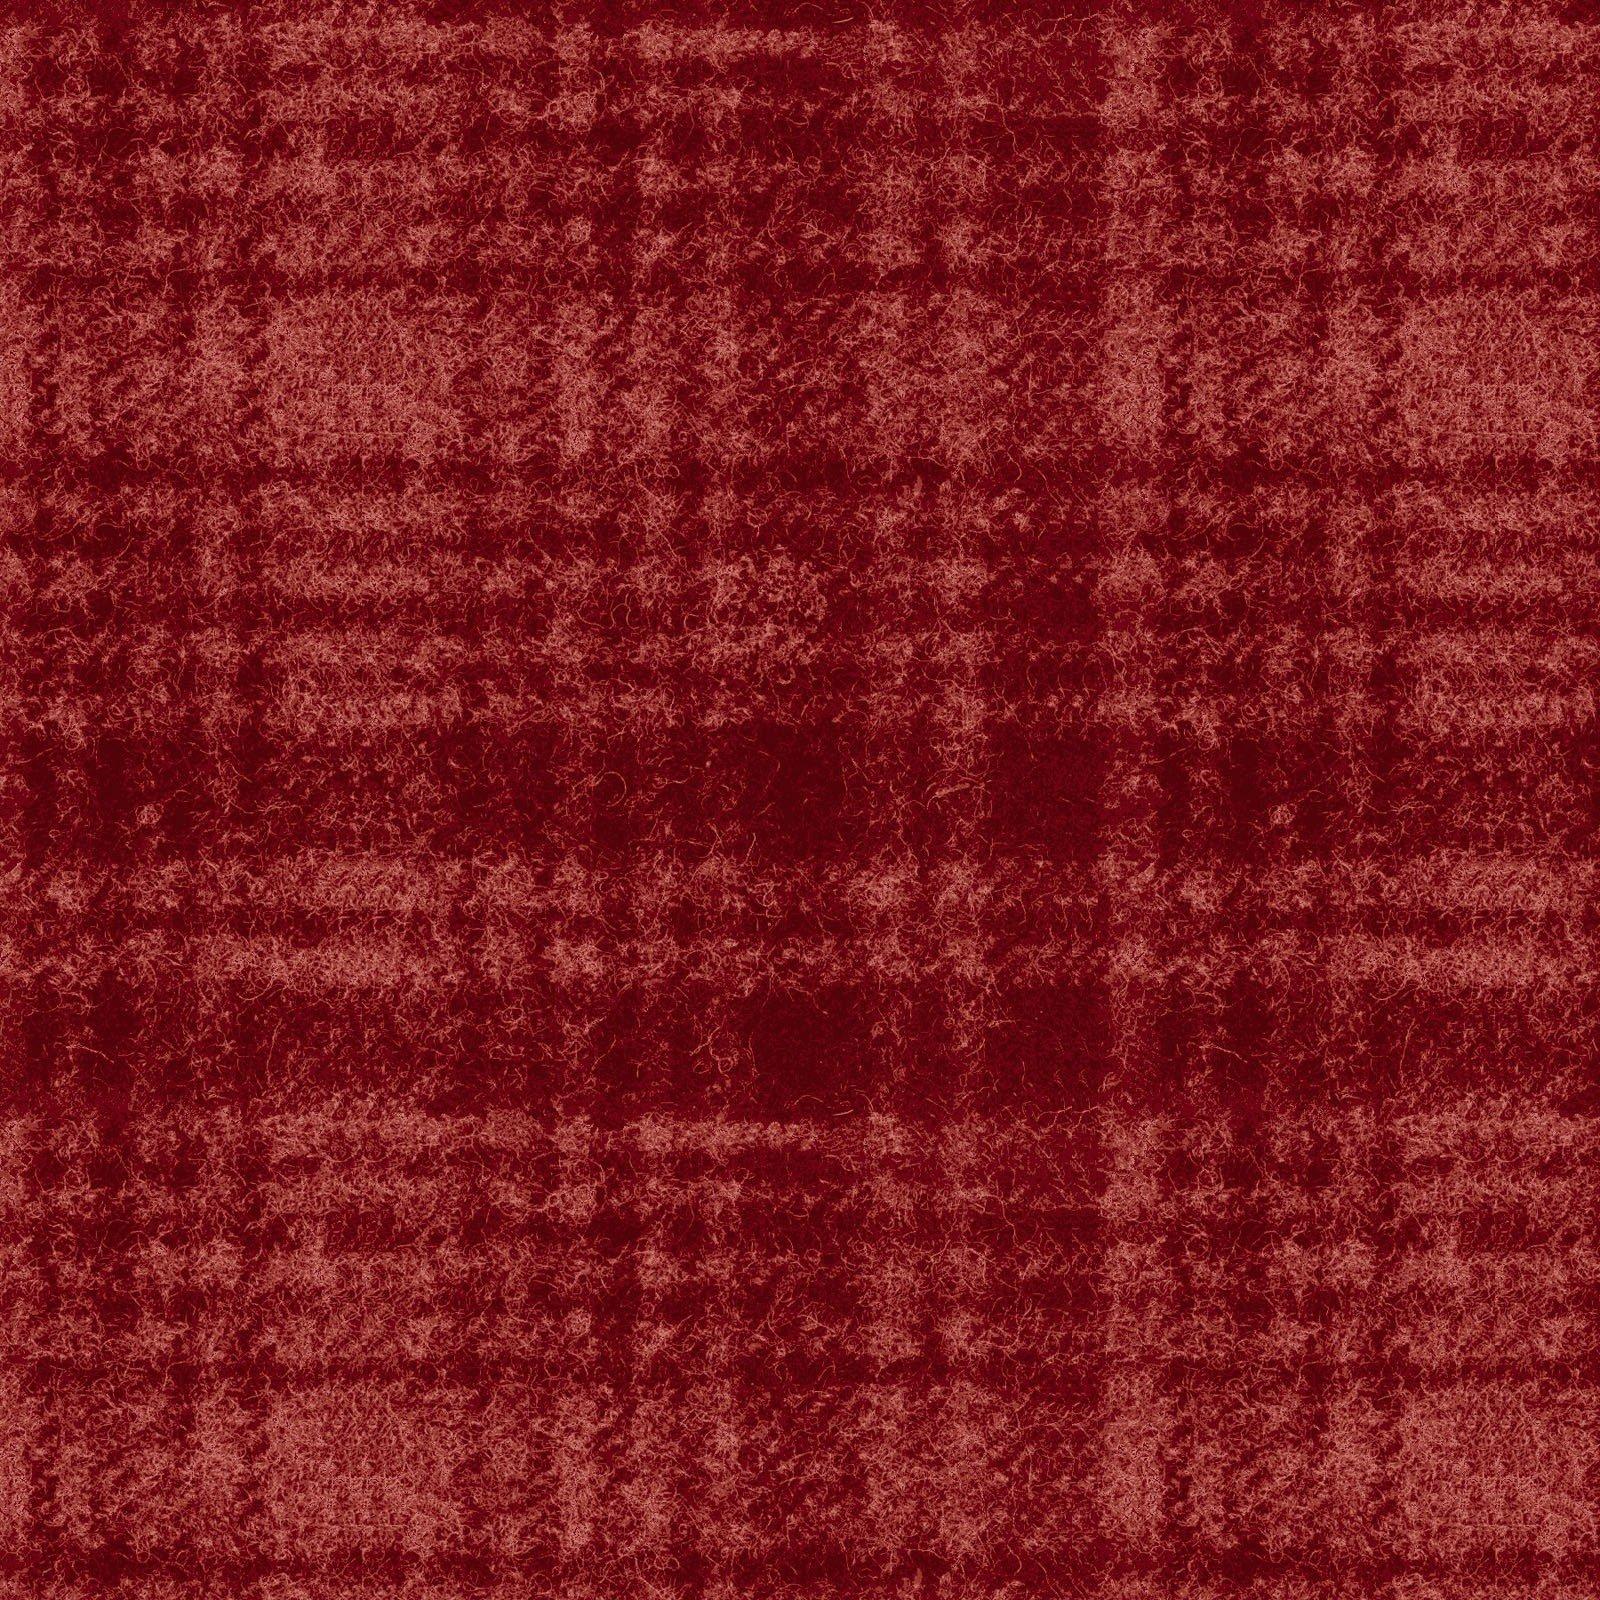 Woolies Flannel - Windowpane - Dark Red